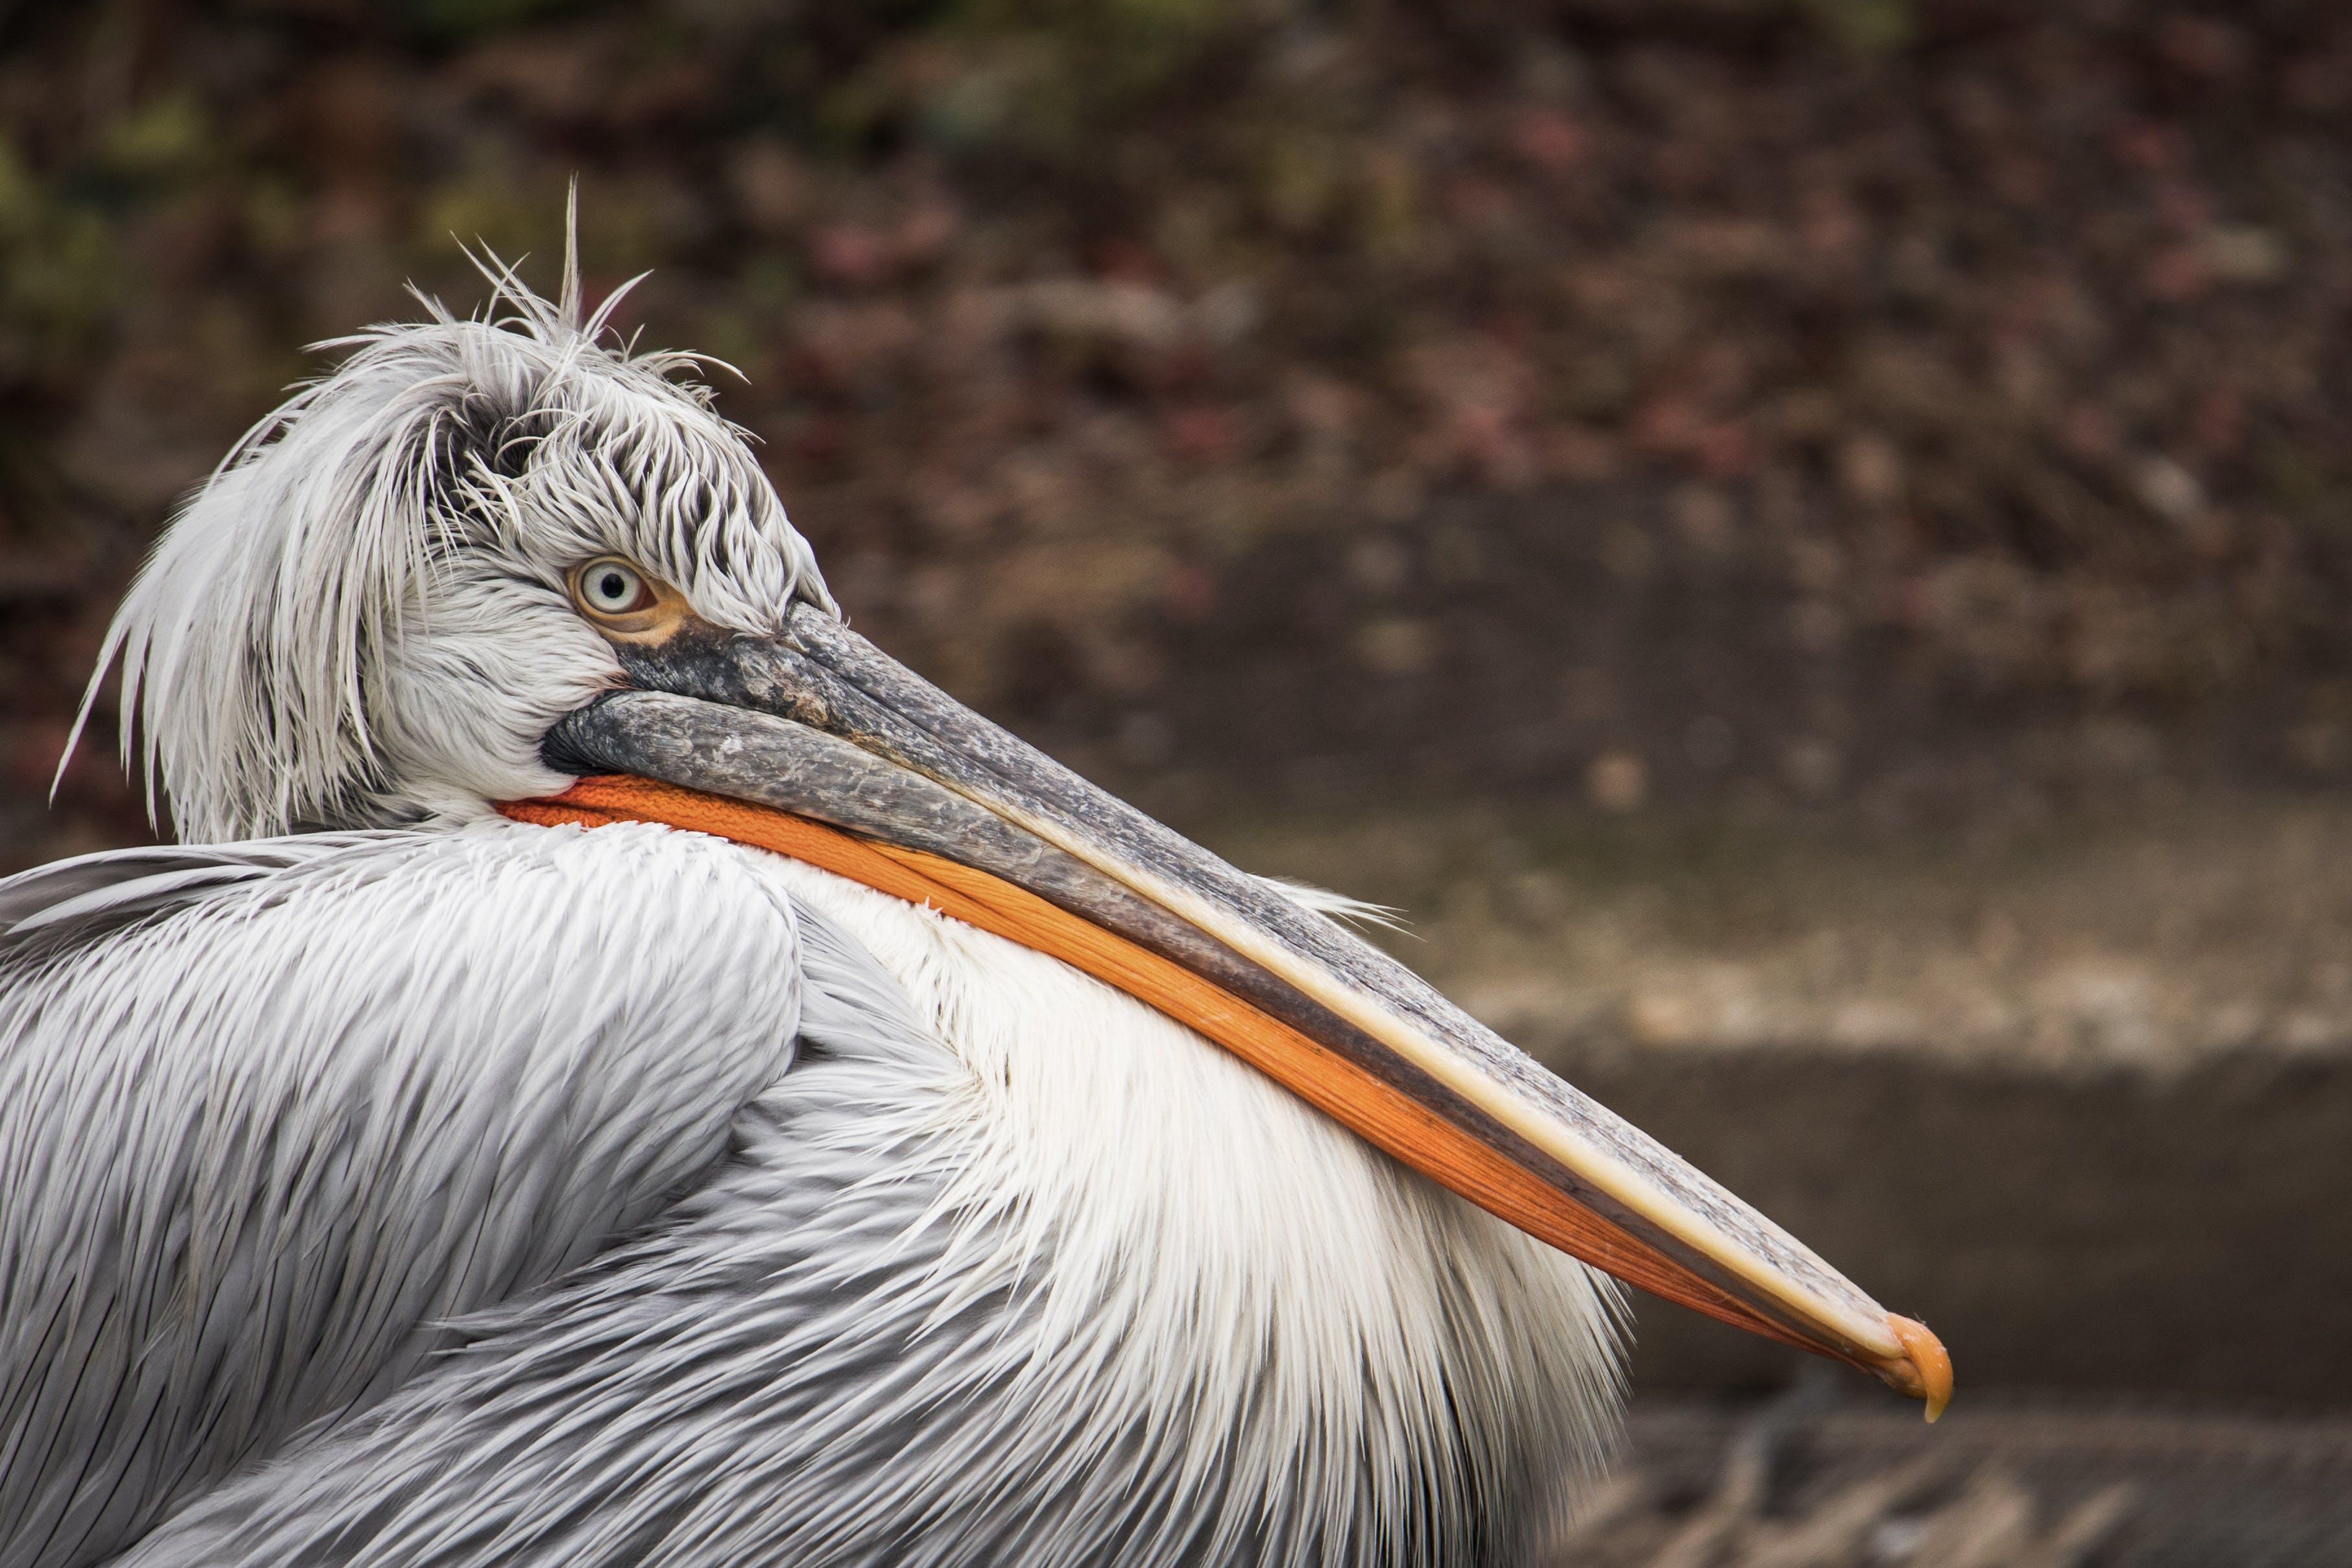 Gratis lagerfoto af close-up, dalmatiske pelikan, dyr, dyreliv